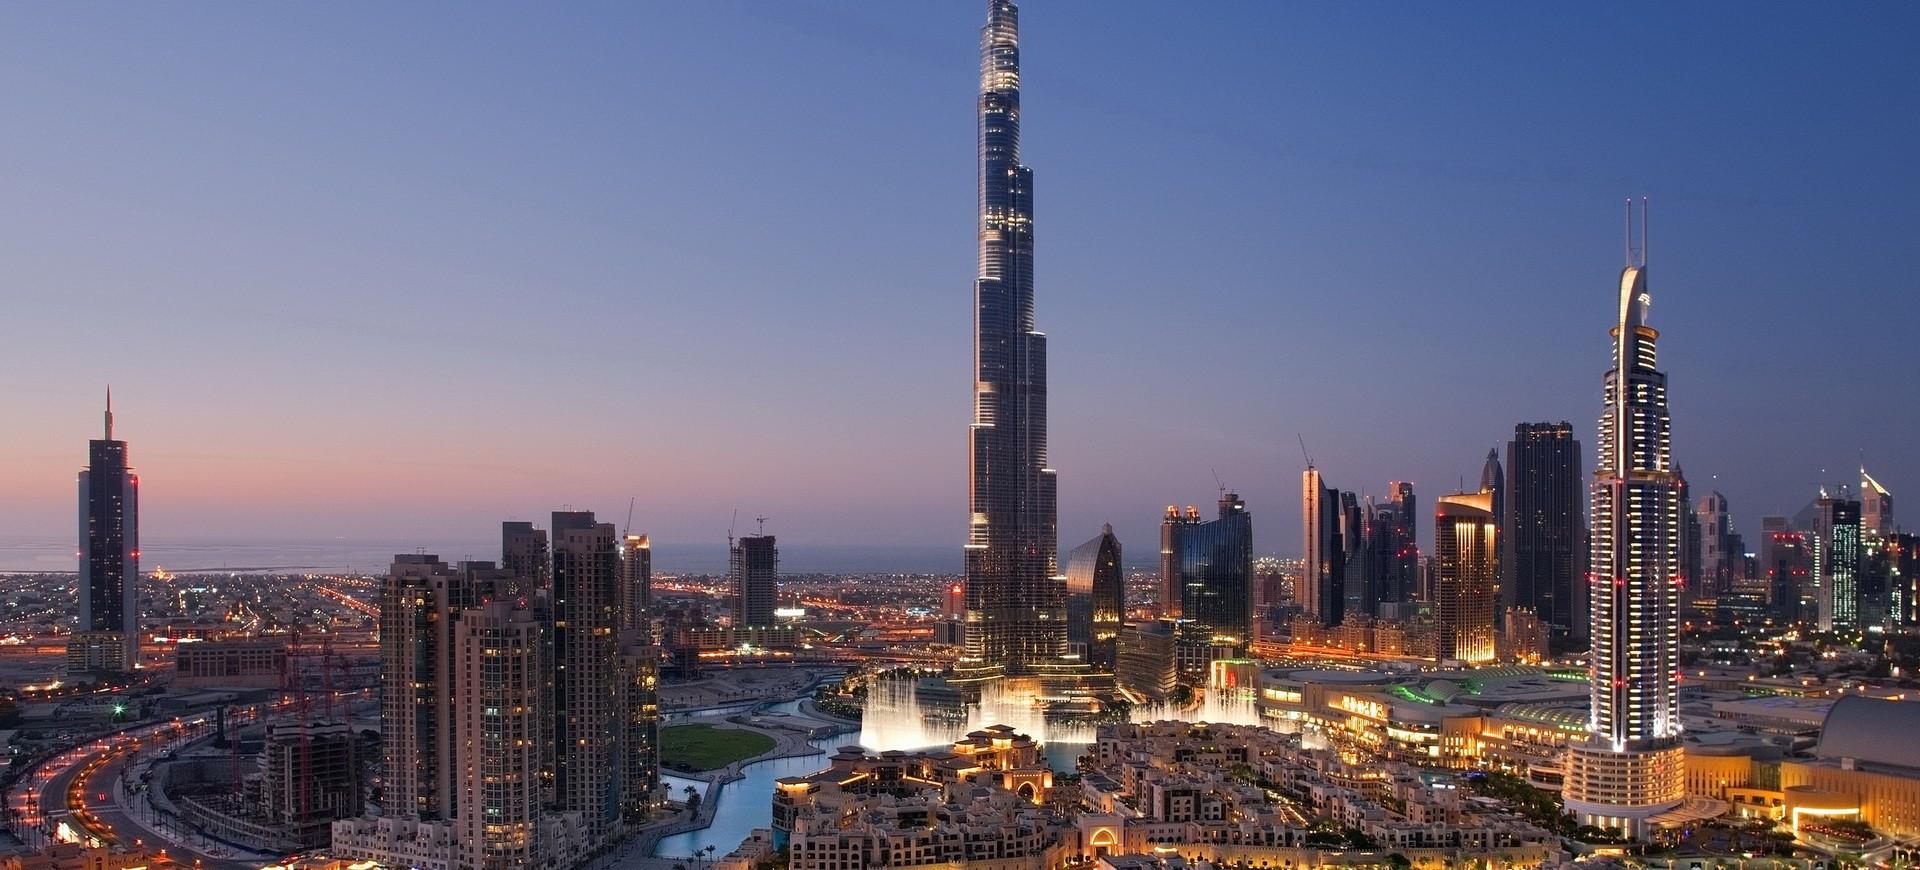 La tour Burj Khalifa by night